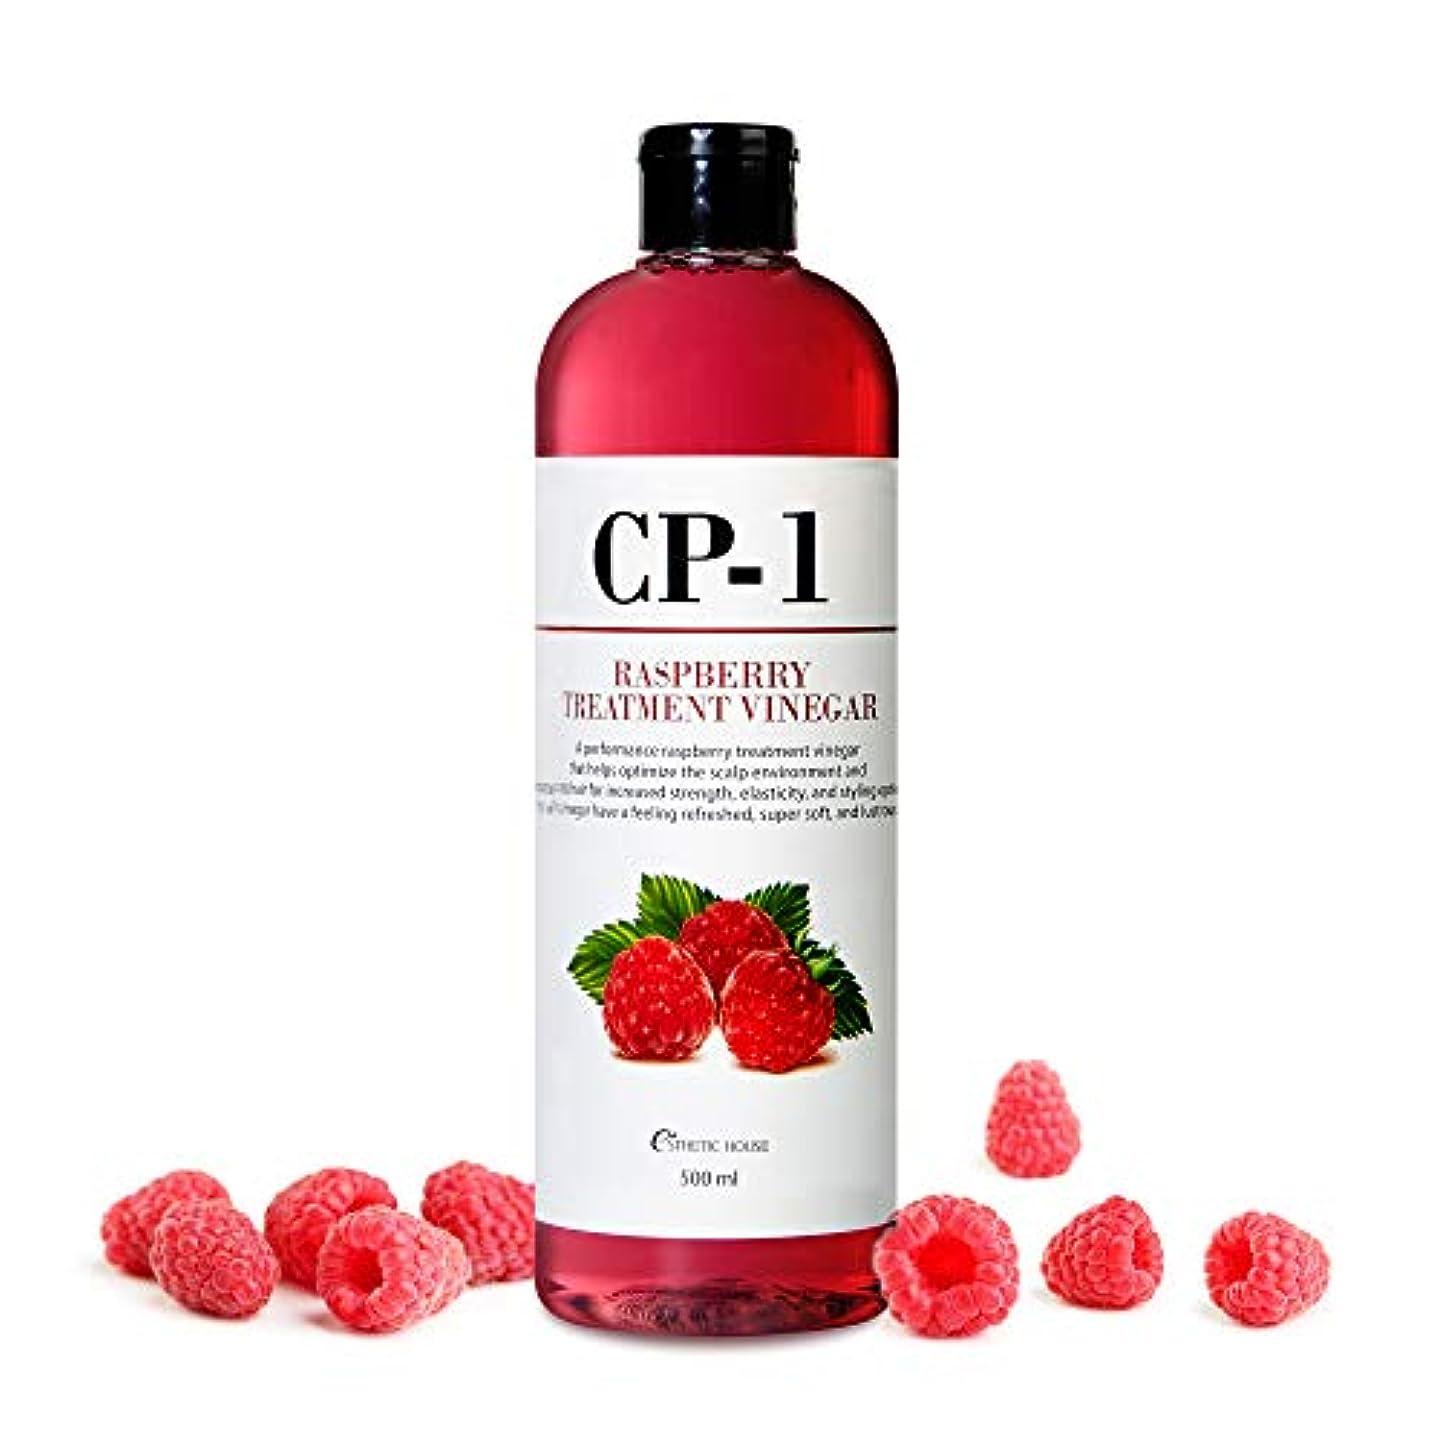 準備ができて商標薄暗いエステティックハウス[Esthetic House] CP-1 ラズベリートリートメントビネガー500ml (なだめるような)/ Rasberry Treatment Vinegar